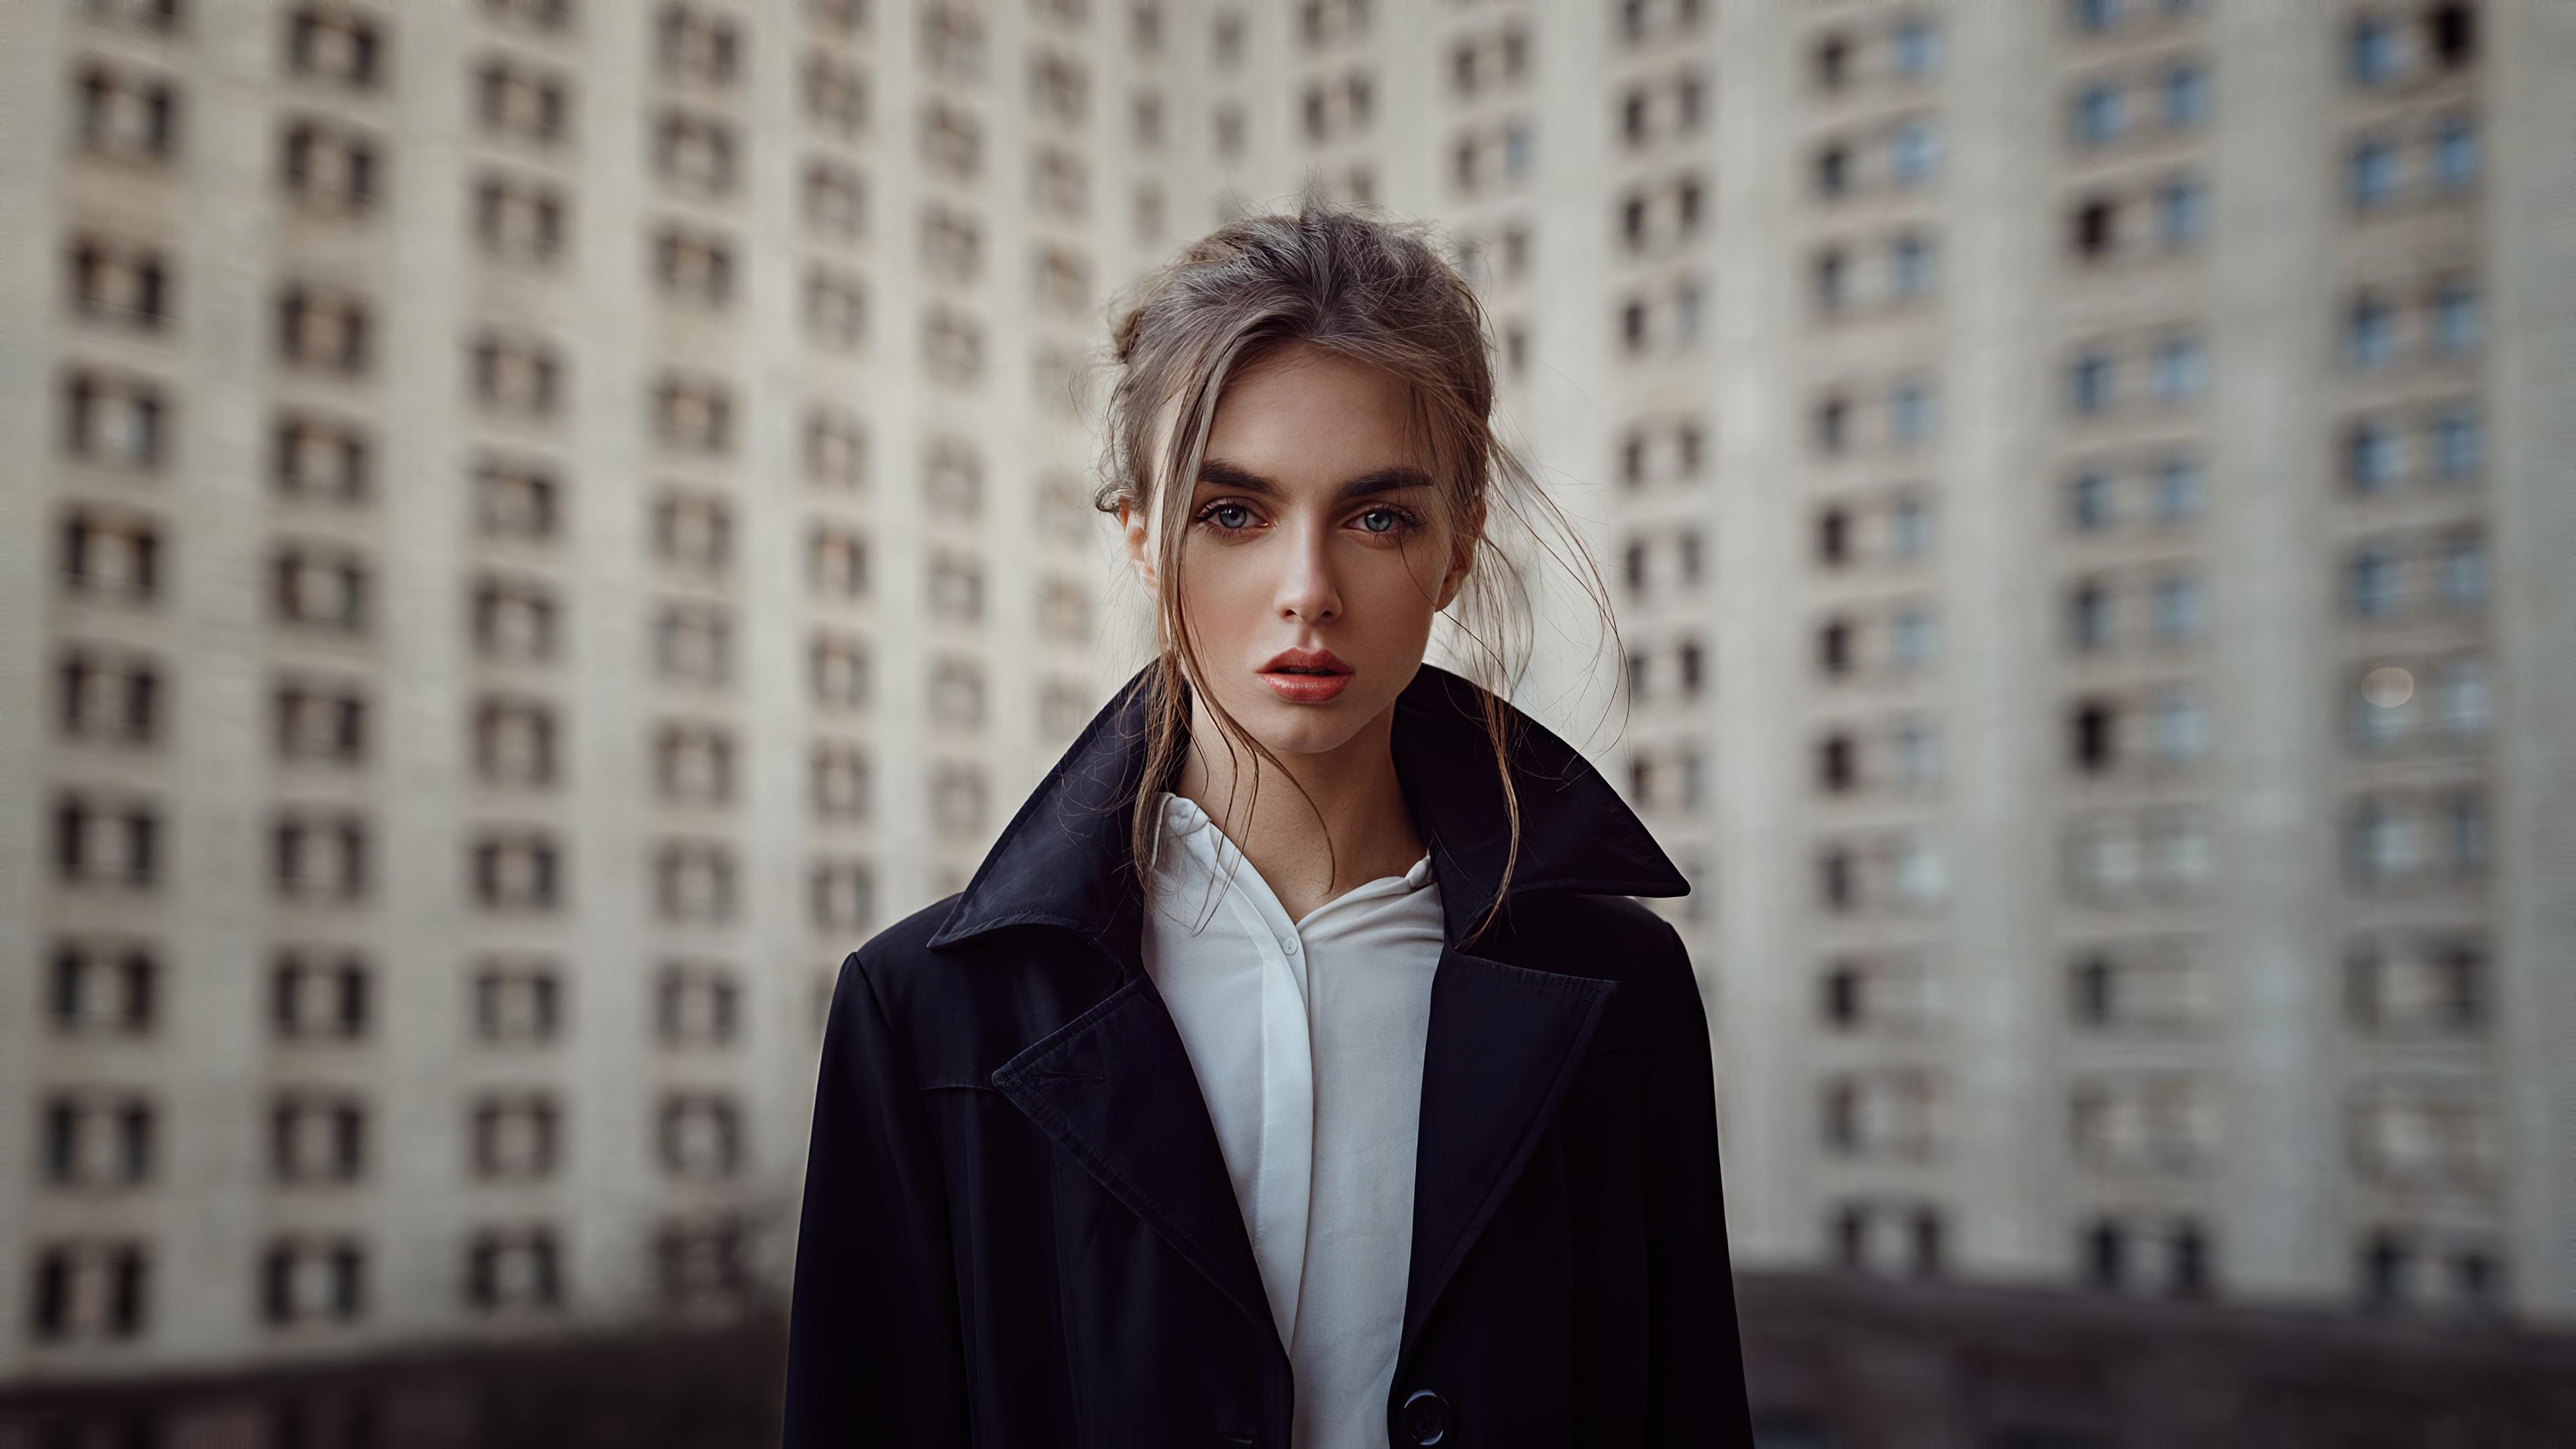 model portrait beautiful eyes outdoors 1575666025 - Model Portrait Beautiful Eyes Outdoors -